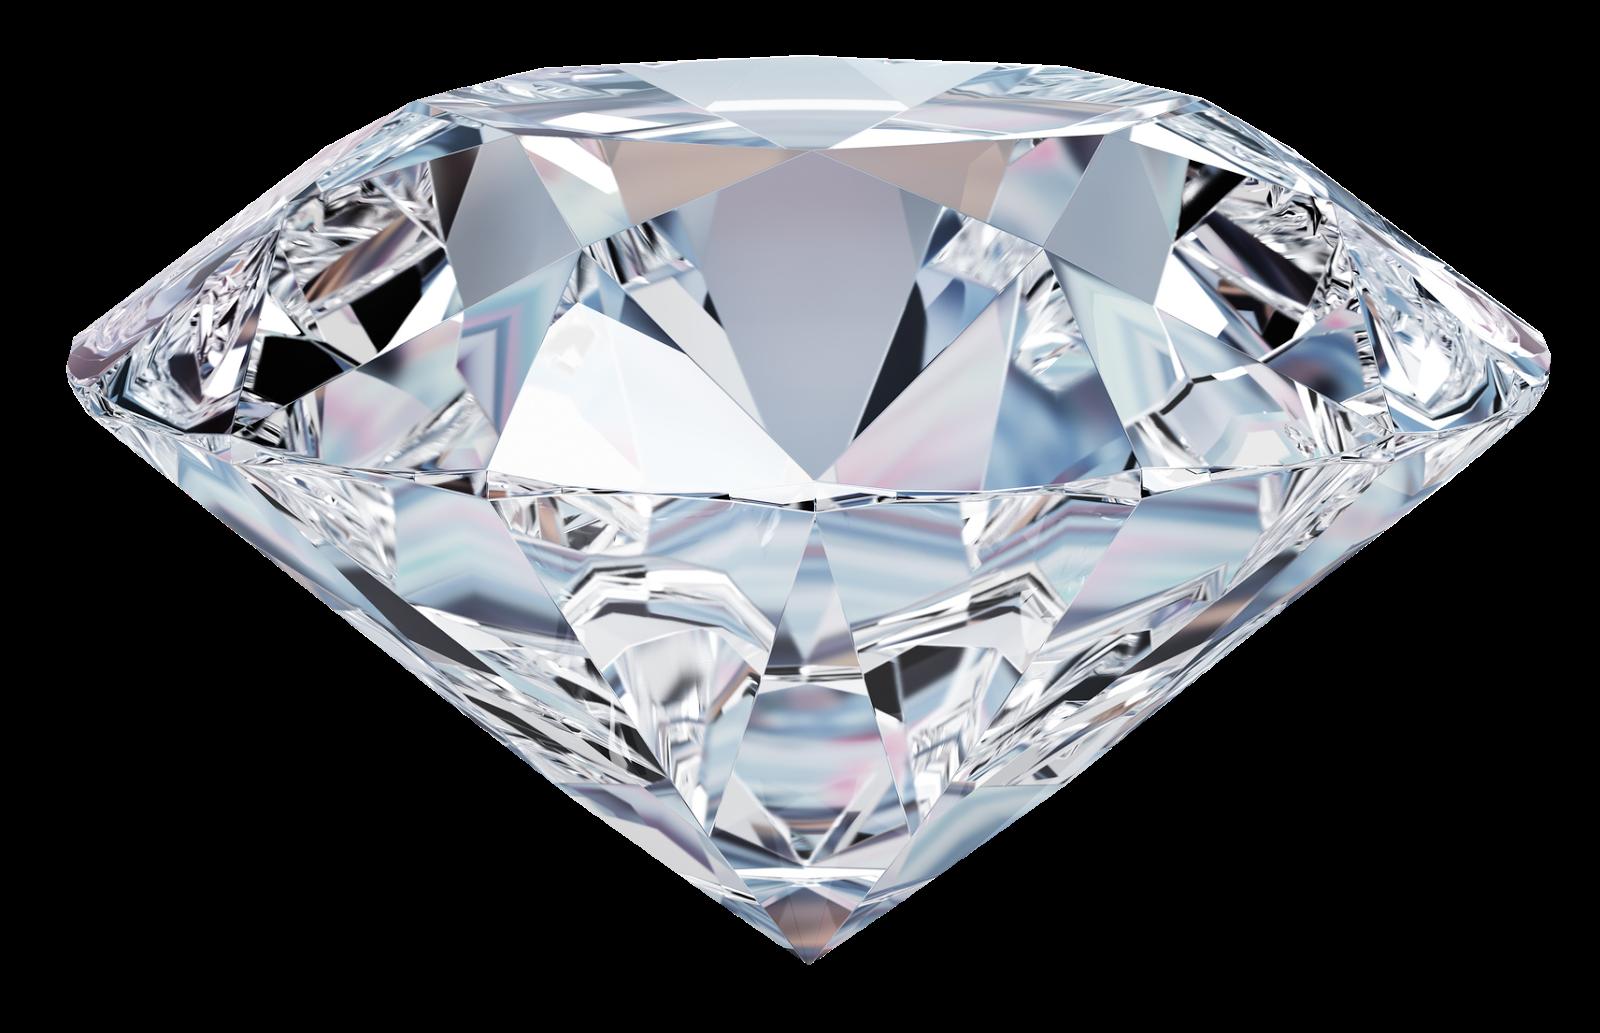 Piedras preciosas – Diamantes | Fondos de pantalla y mucho más